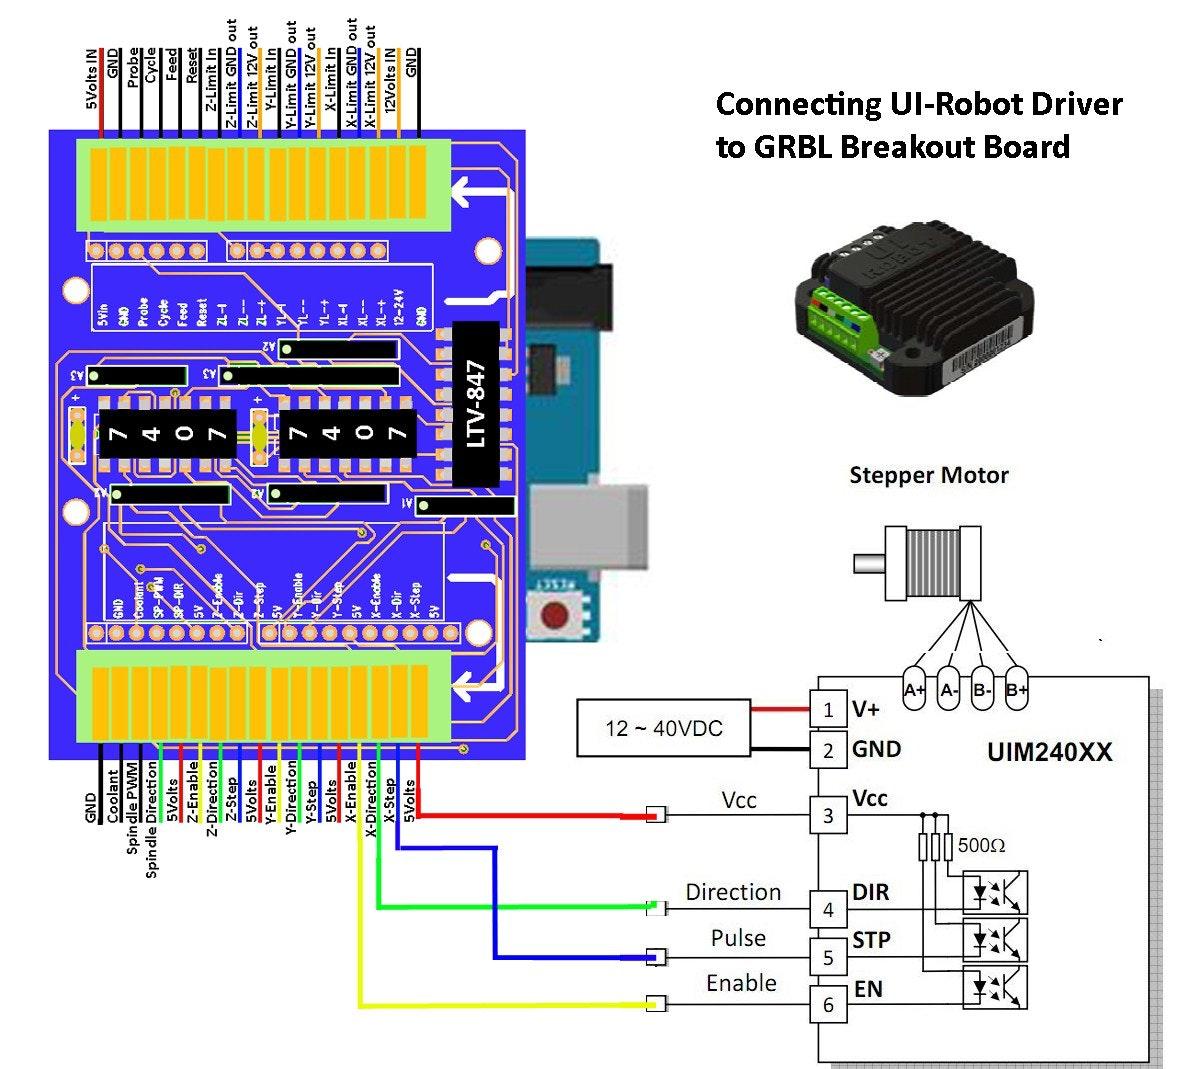 Unusual gmos 06 wiring diagram cadillac deville photos Boss Audio Wiring Diagram Axxess GMOS-06 Wiring-Diagram axxess gmos 06 wiring diagram on gmos 06 wiring diagram